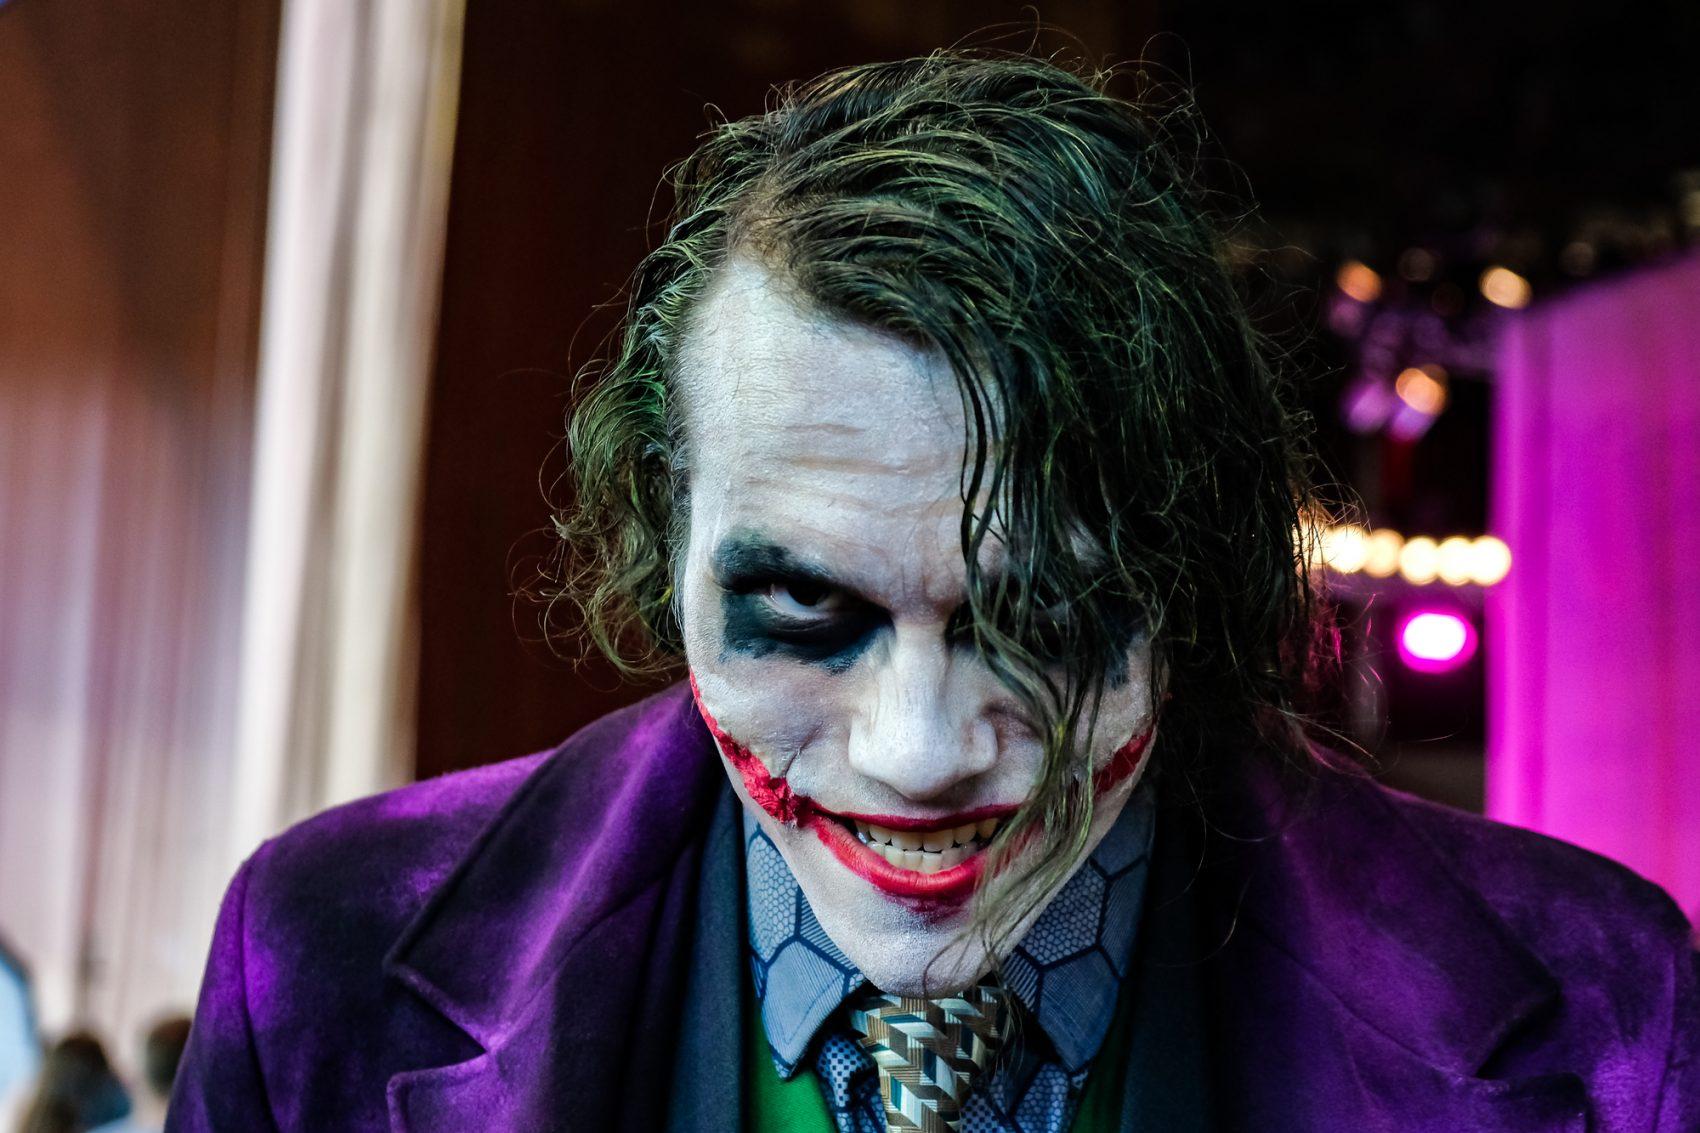 trucco da joker